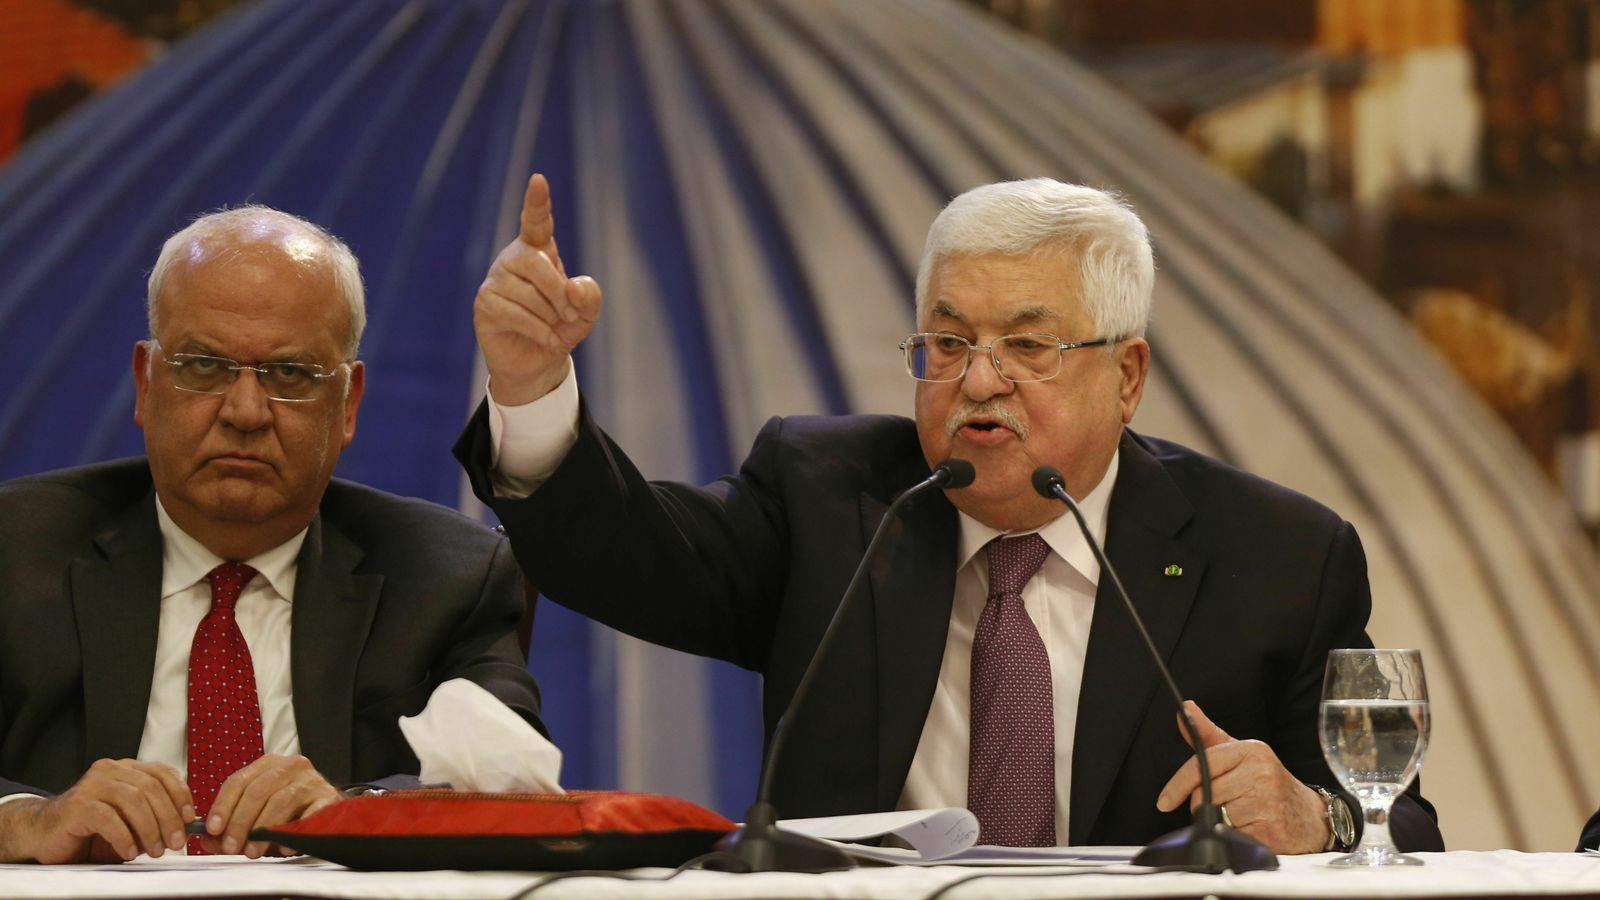 """El president palestí, Mahmud Abbàs, a la dreta, respon al """"pla del segle"""" de Trump durant una cimera a Ramallah."""